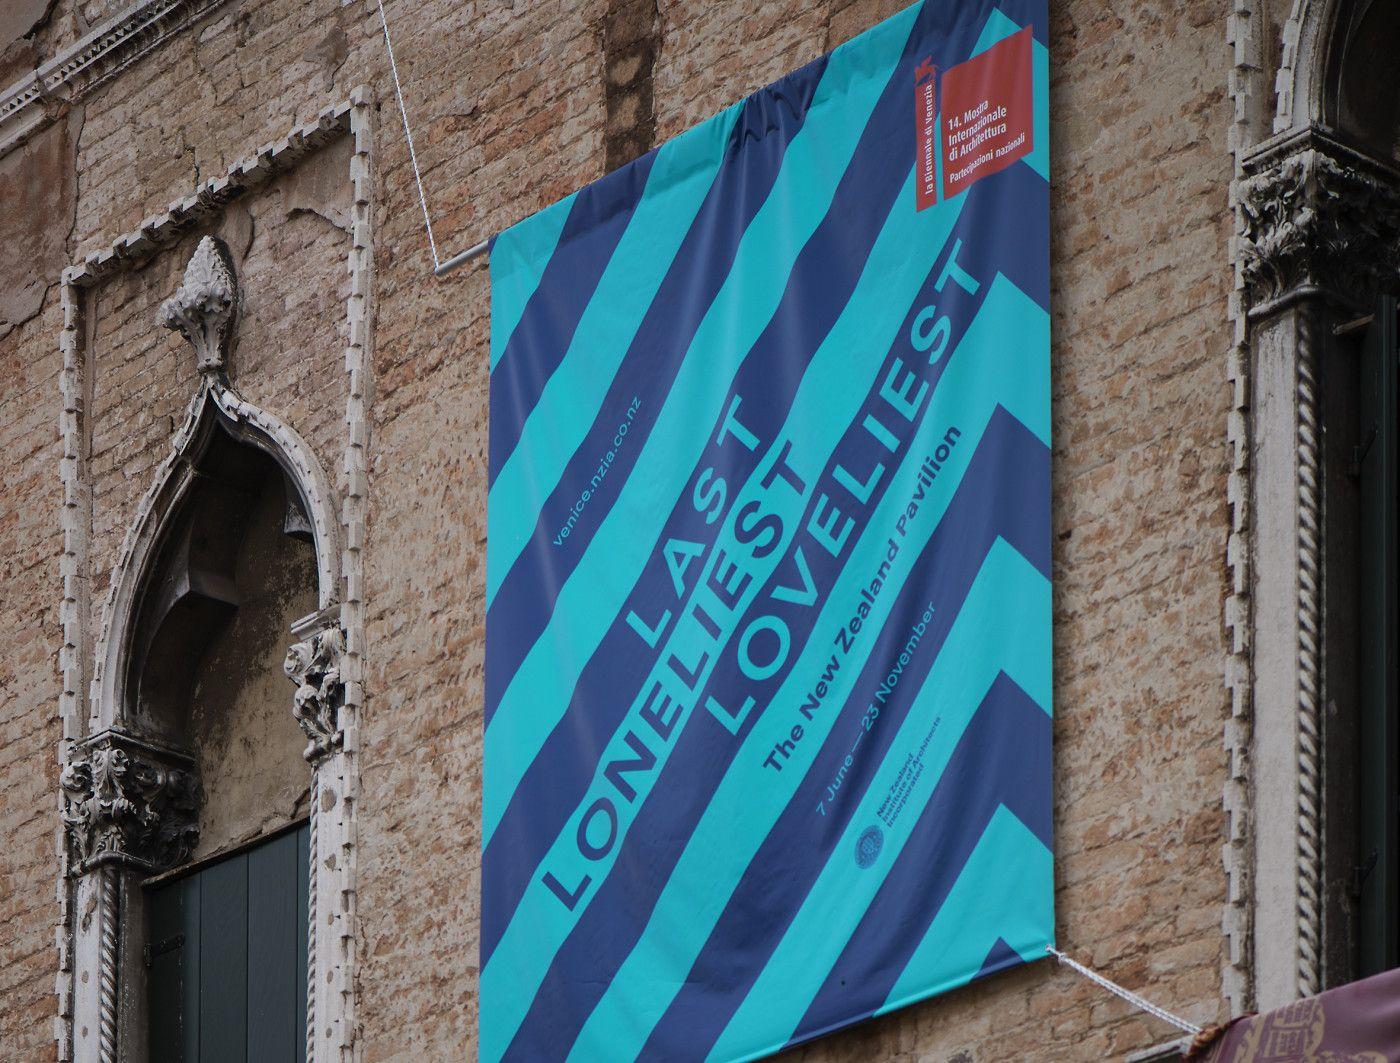 Inhouse | Venice Architecture Biennale